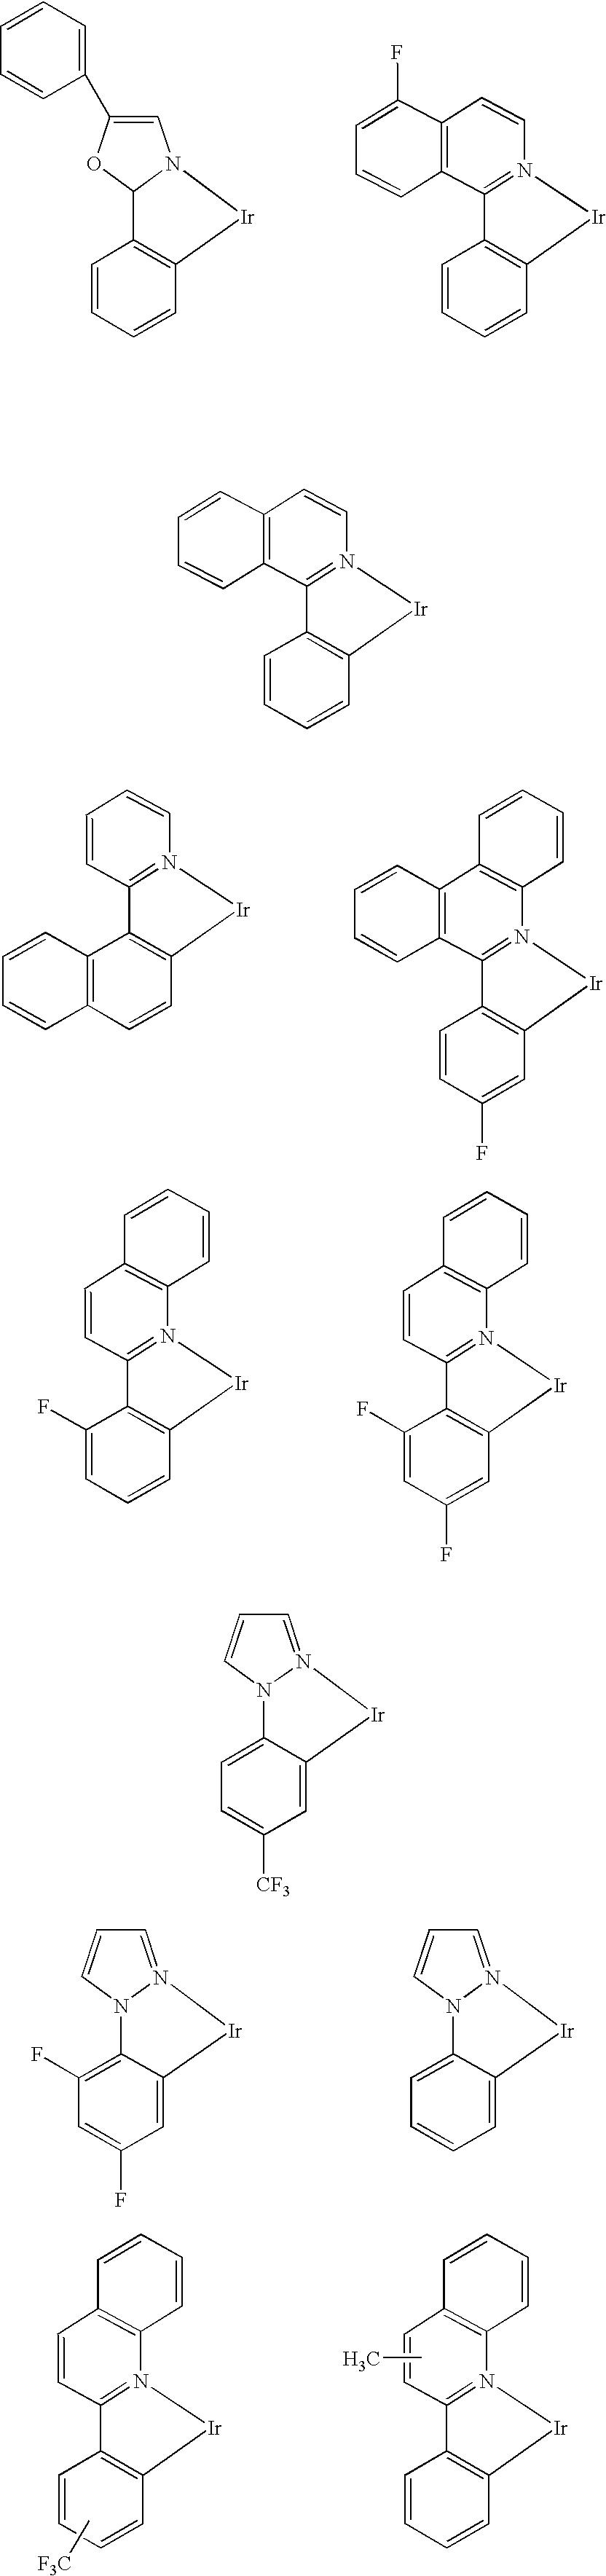 Figure US20040260047A1-20041223-C00009